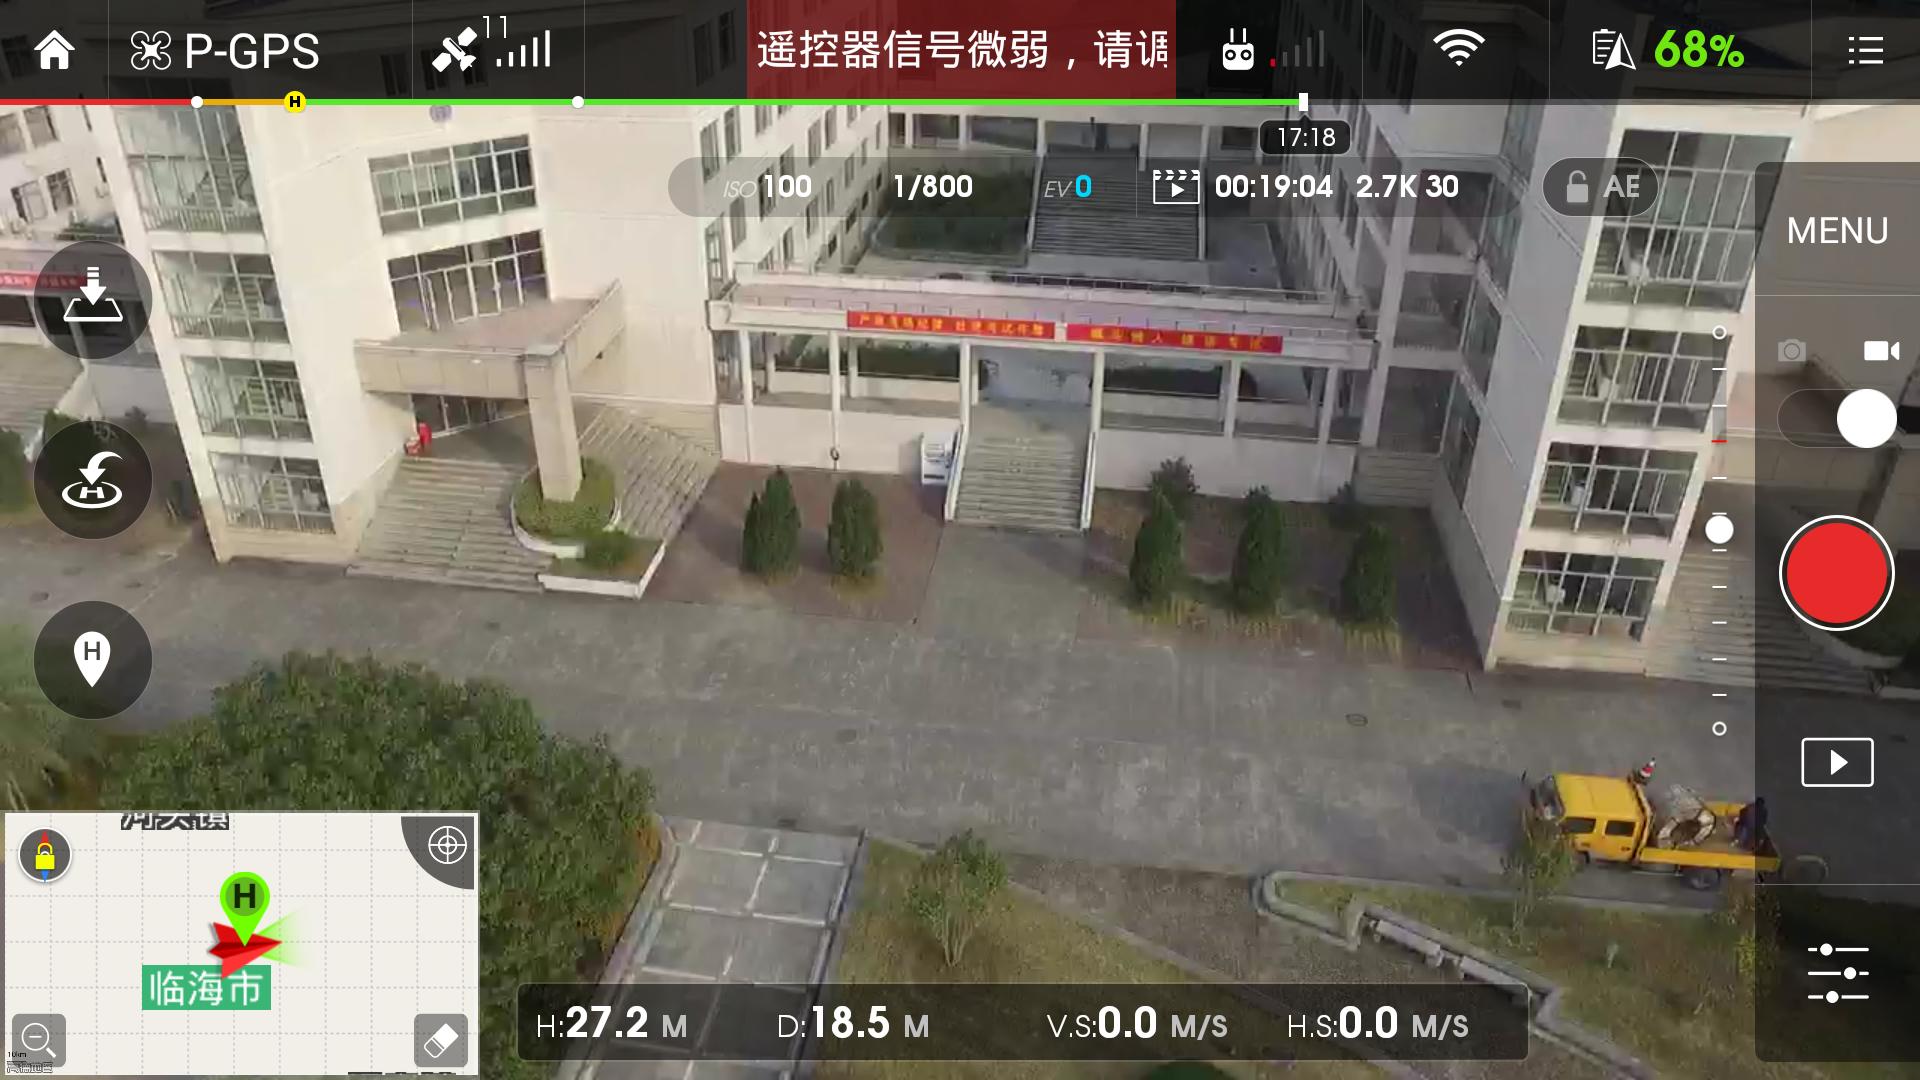 Screenshot_2015-12-31-14-29-08_dji.pilot.png